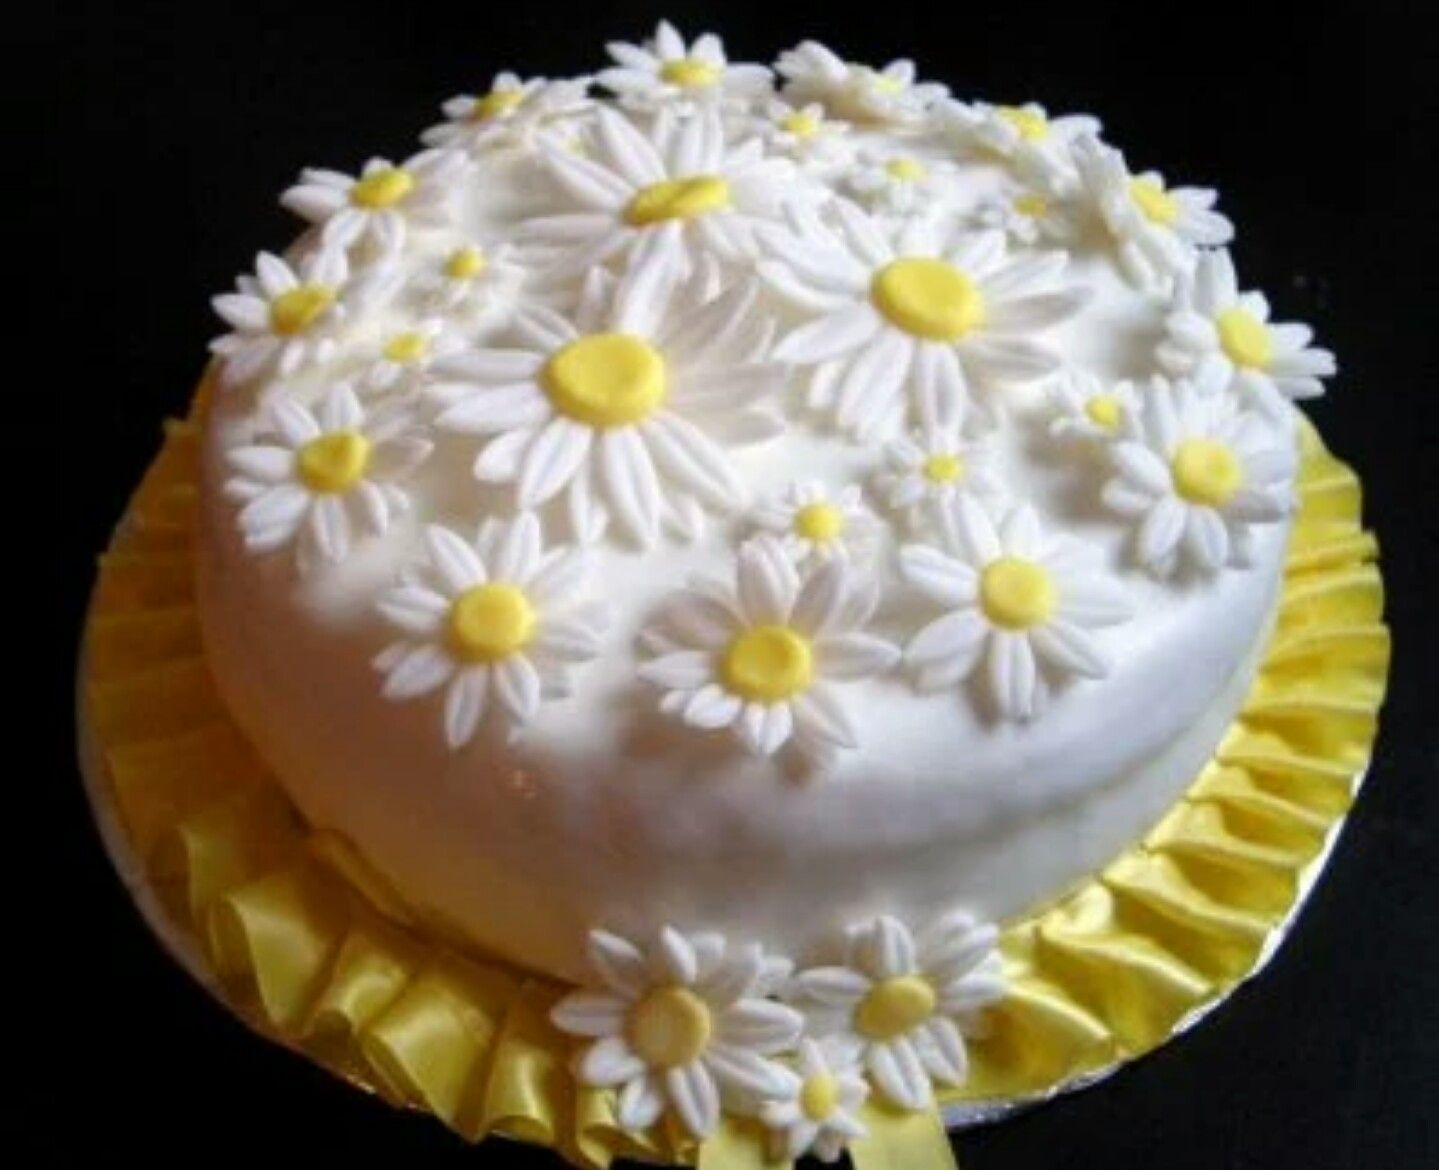 Dogum Gunu Pasta Papatya Konsepti Sari Beyaz Yellow White Daisy Flower Cake Birthday 1 Yas Temali Dogumgunu Partileri Dogumgunu Partileri Dogum Gunu